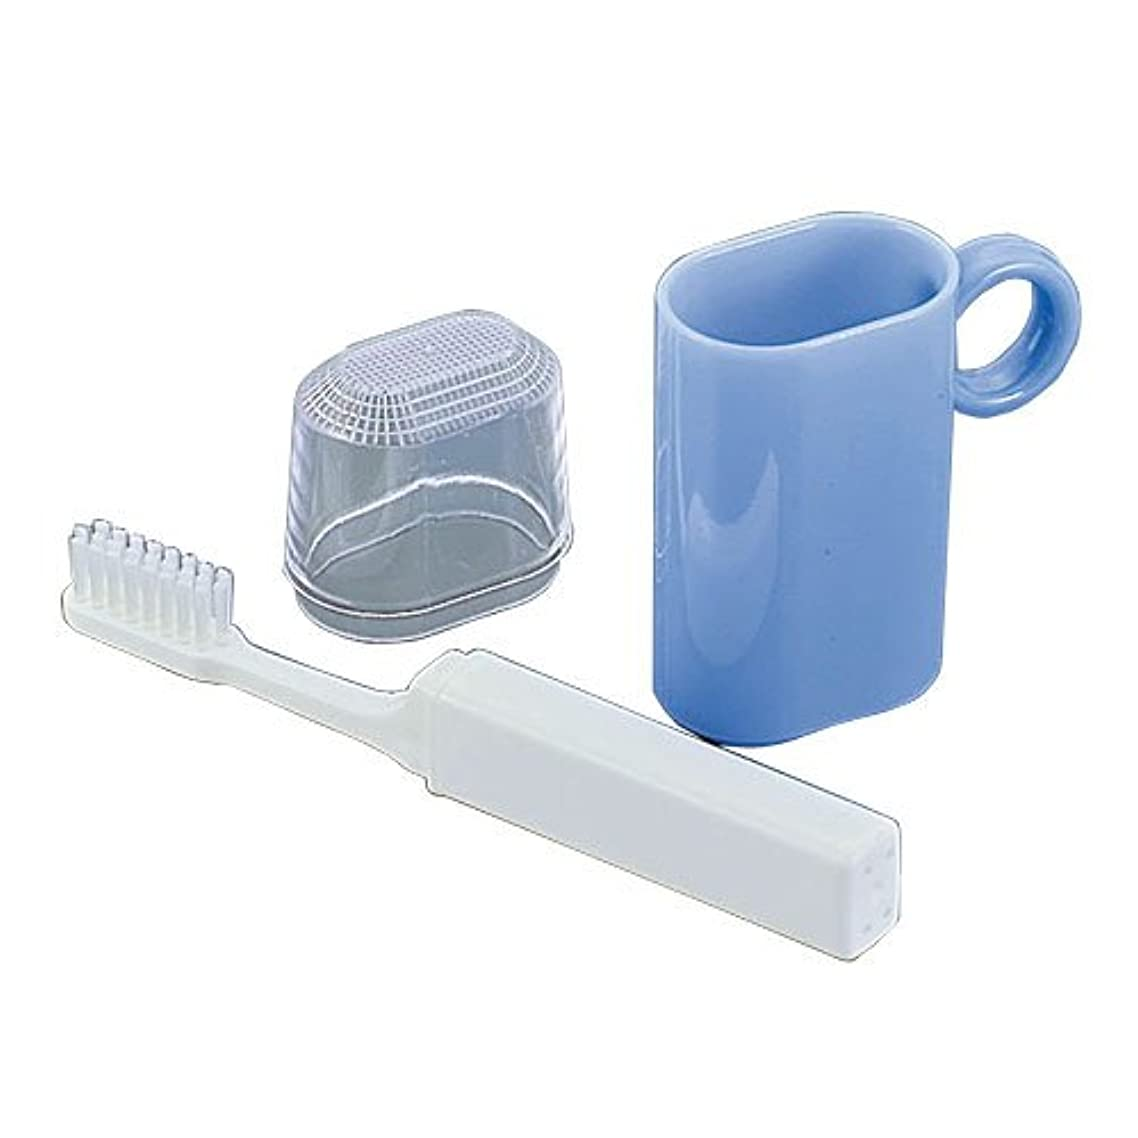 ファントム船乗り忠誠コップ付歯ブラシセット ブルー